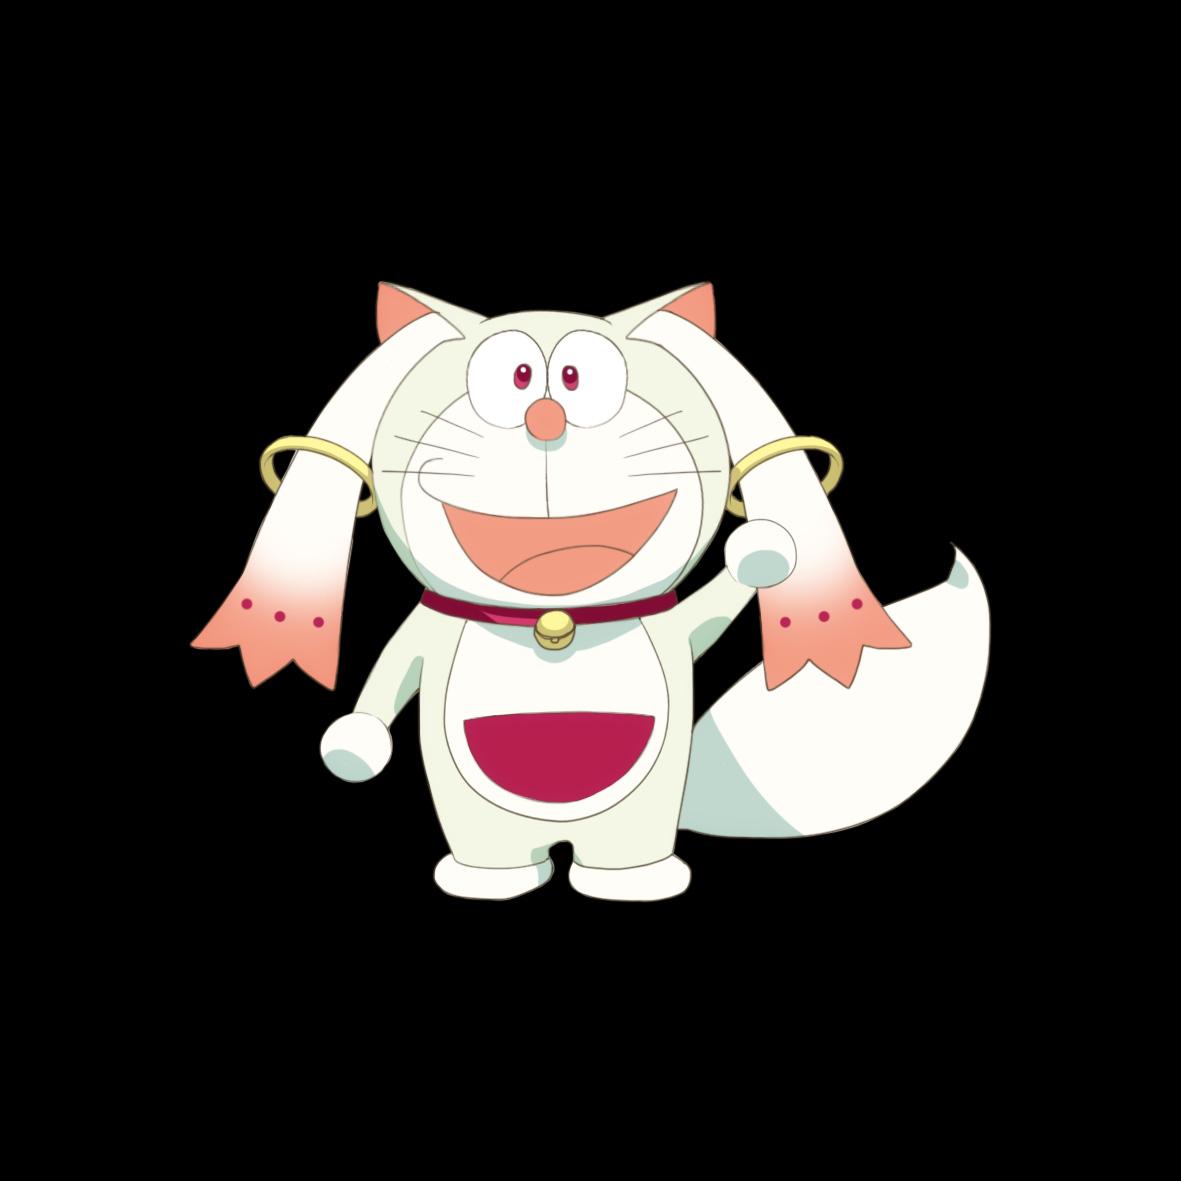 Hình ảnh mèo máy Doraemon biến hình